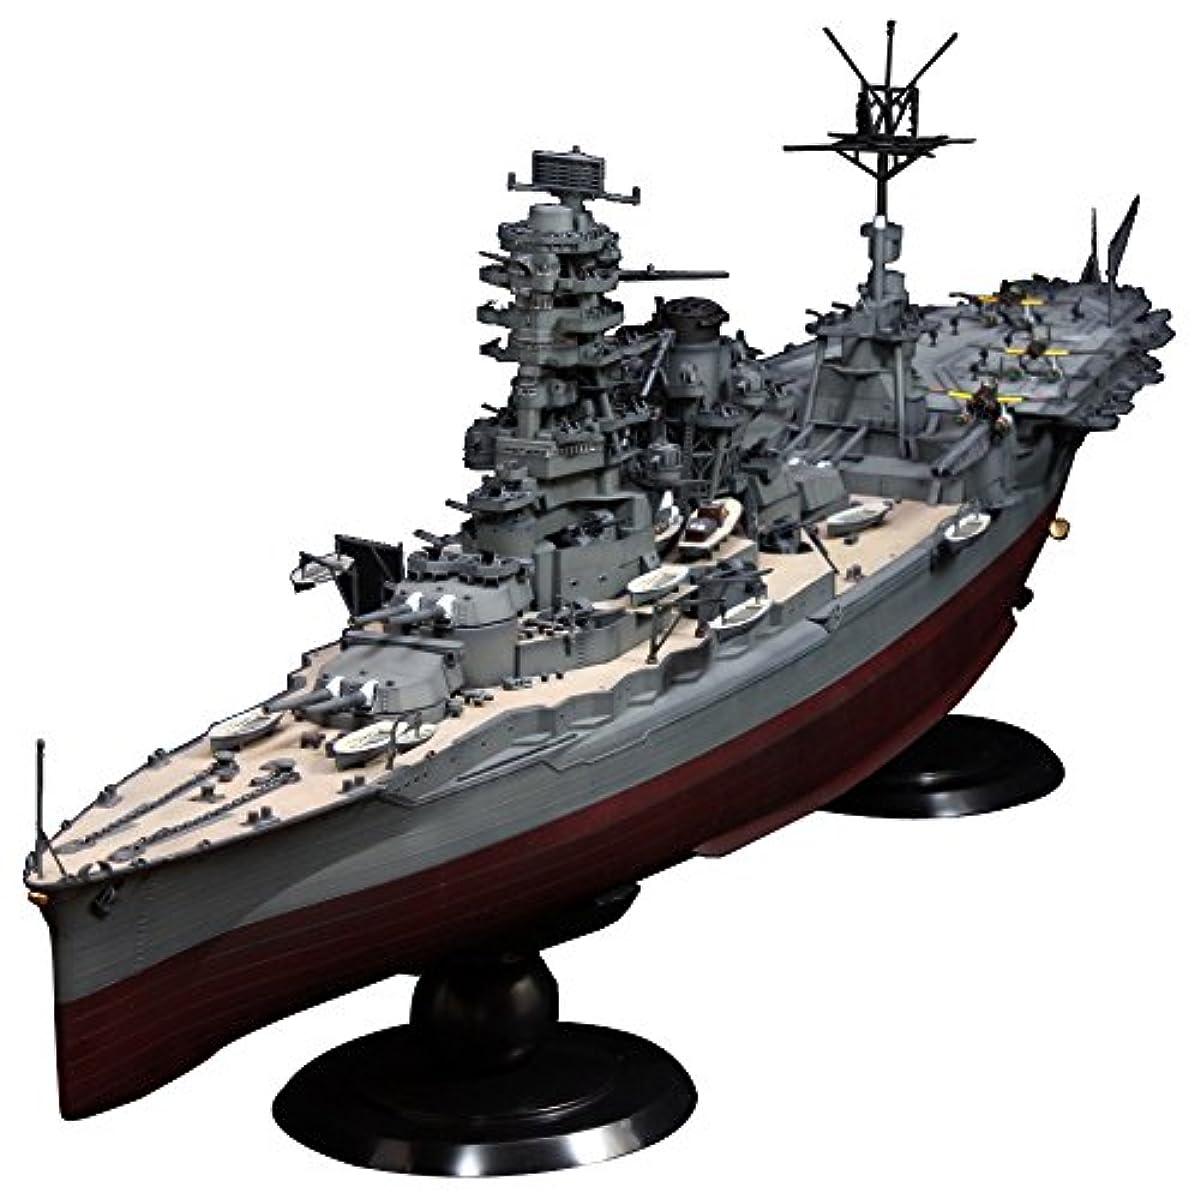 [해외] 후지미 모형 1/350 함선 모델 시리즈SPOT 구일본 해군 항공 전함 이세(제634항공대/서운18 기부착) 프라모델  350함선SP